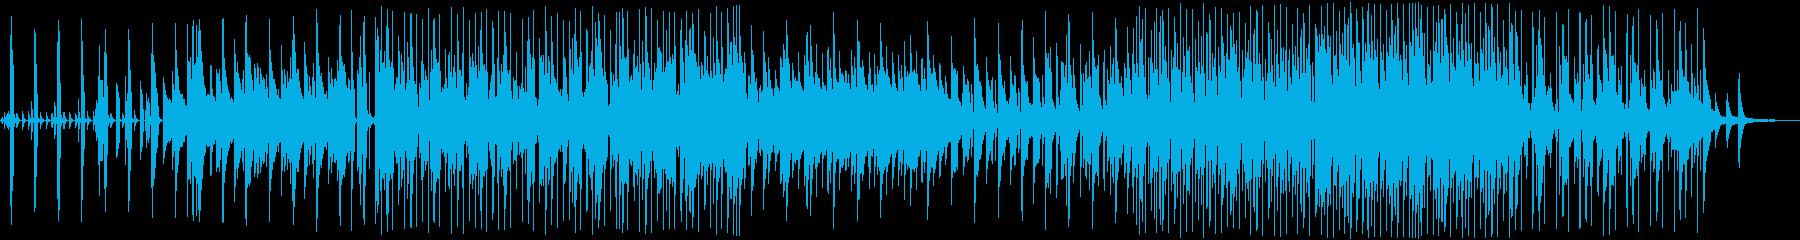 ゆるやかなリズム、ワクワクキラキラな日常の再生済みの波形